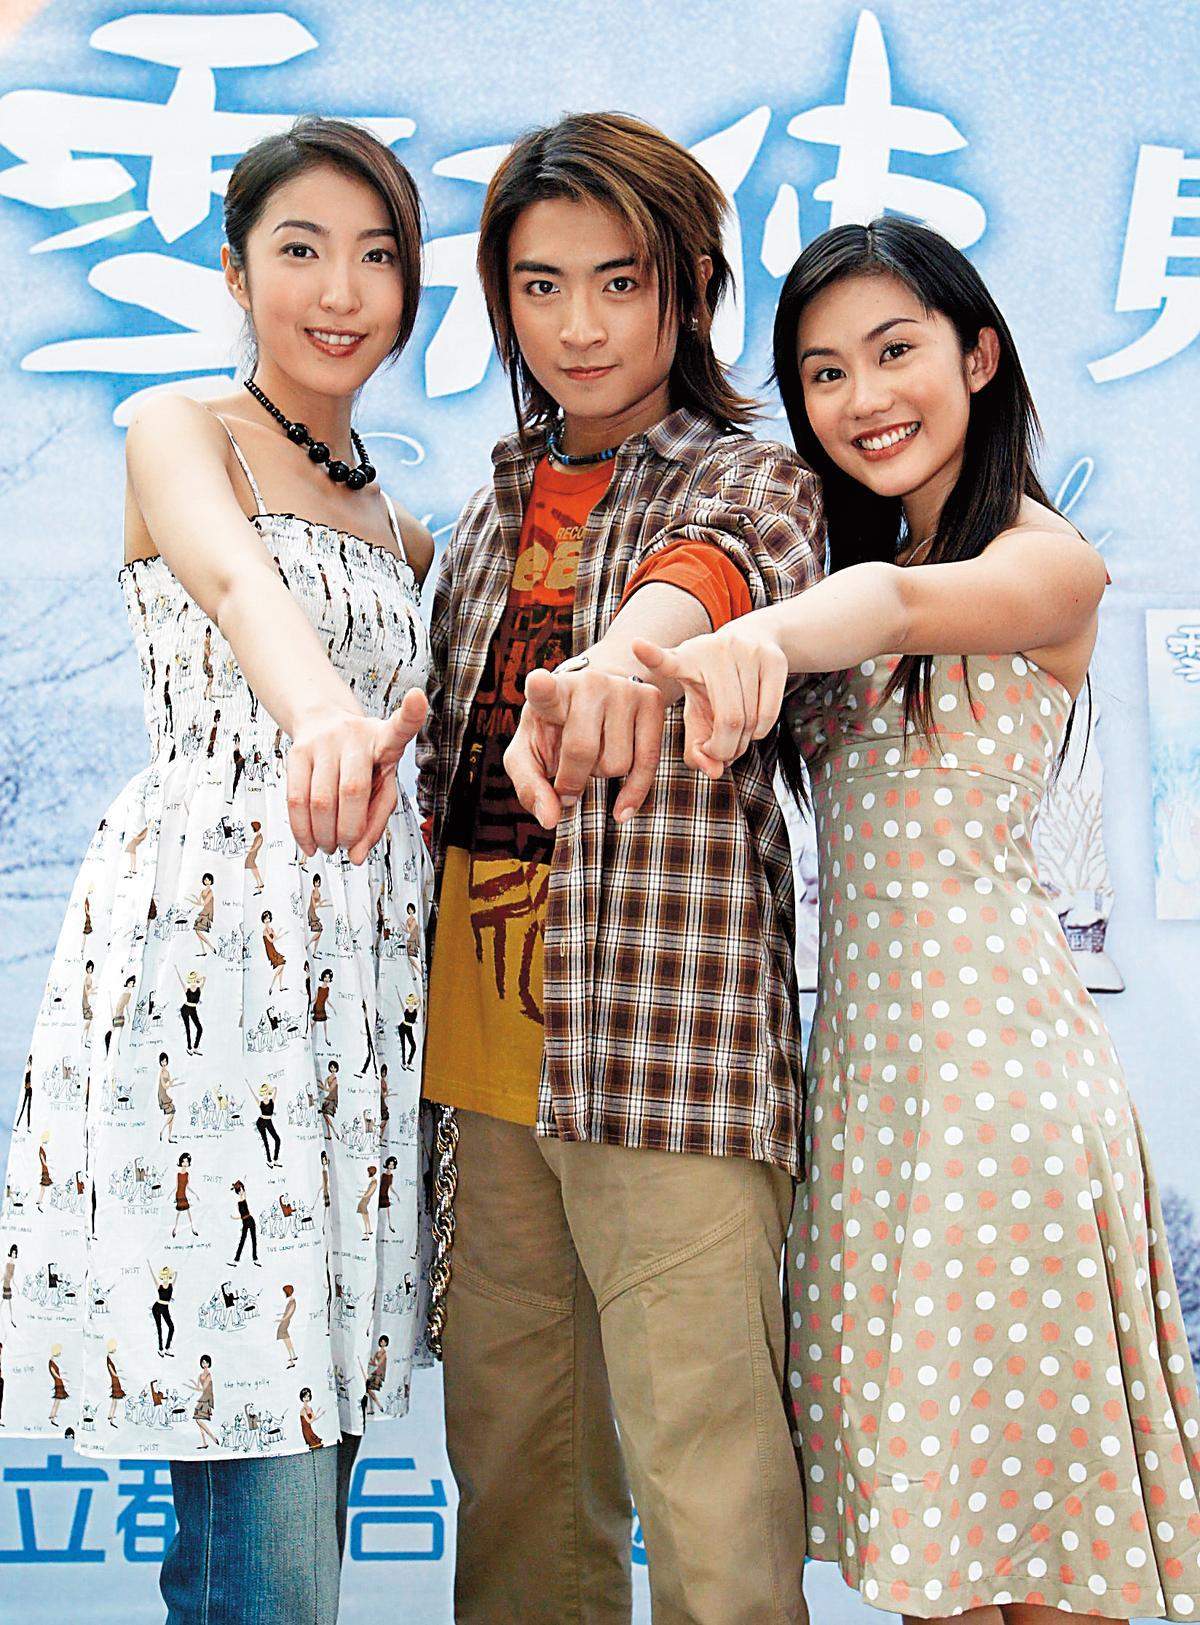 《雪天使》是13年前受歡迎的偶像劇,當時Toro(中)和王宇婕(右)被網友讚是最佳螢幕情侶。左為楊謹華。(東方IC)